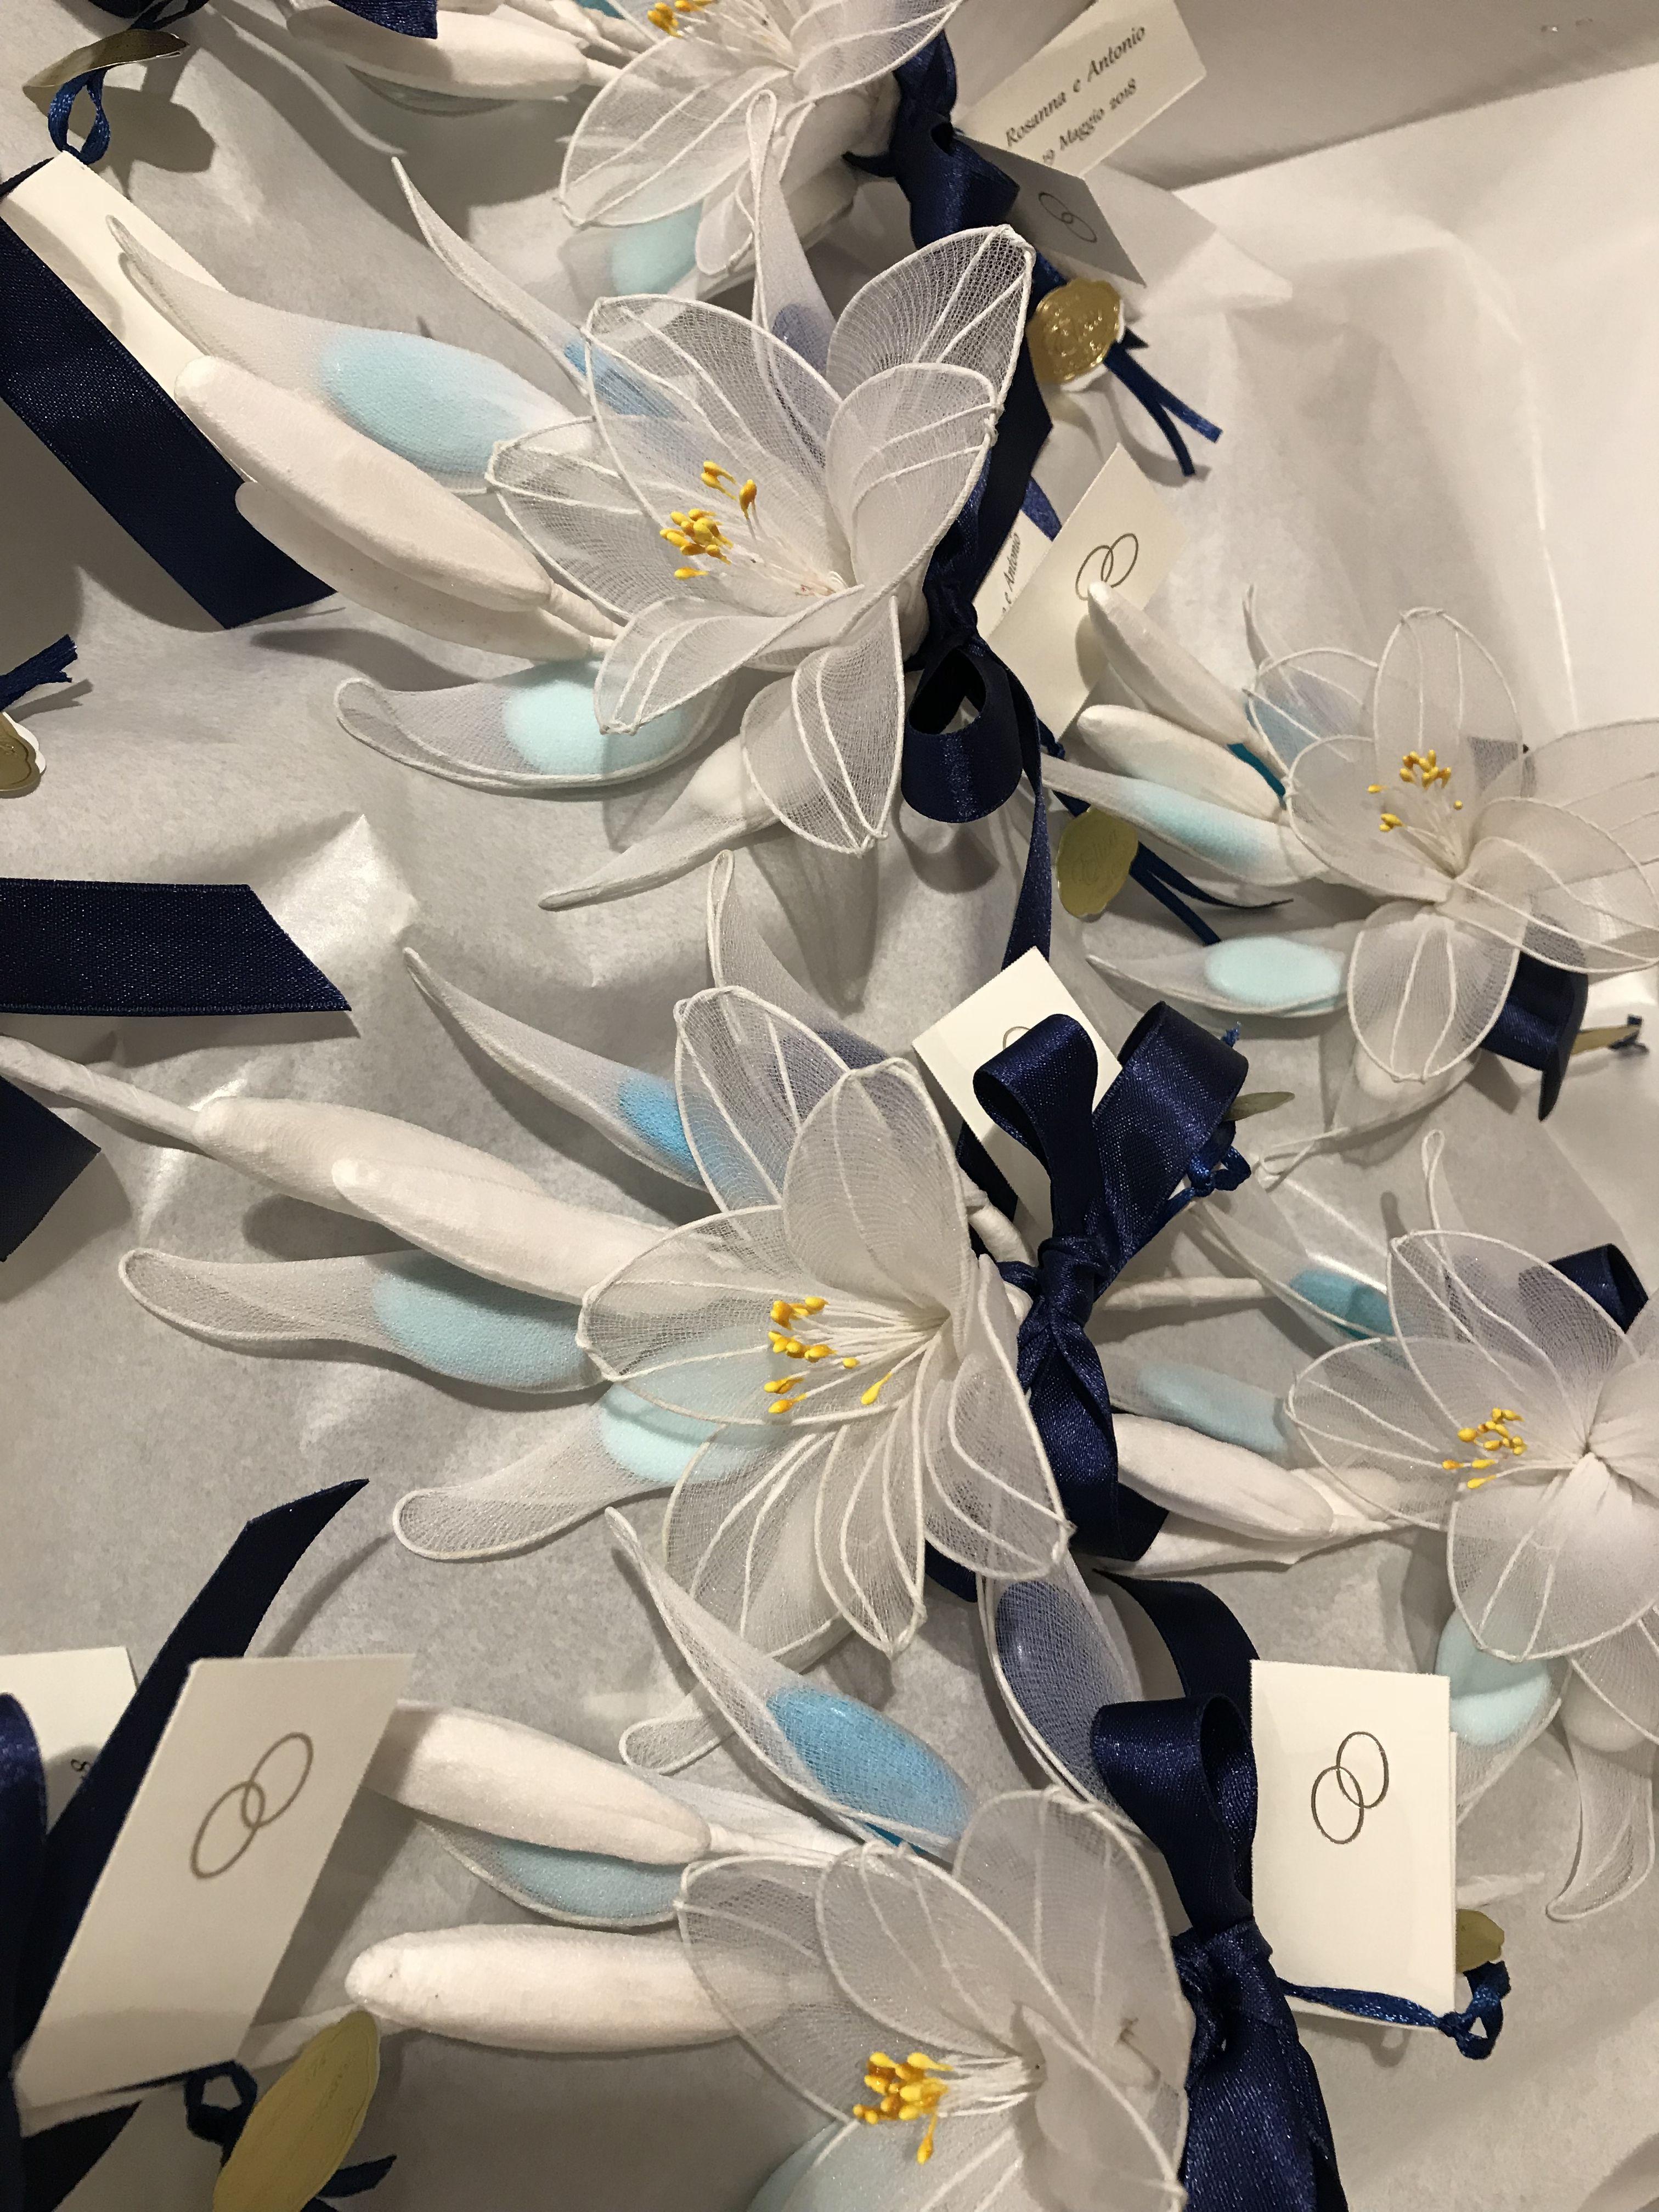 Bomboniera Matrimonio Azzurro : Bomboniere per matrimonio formate da gigli in tulle e confetti nelle